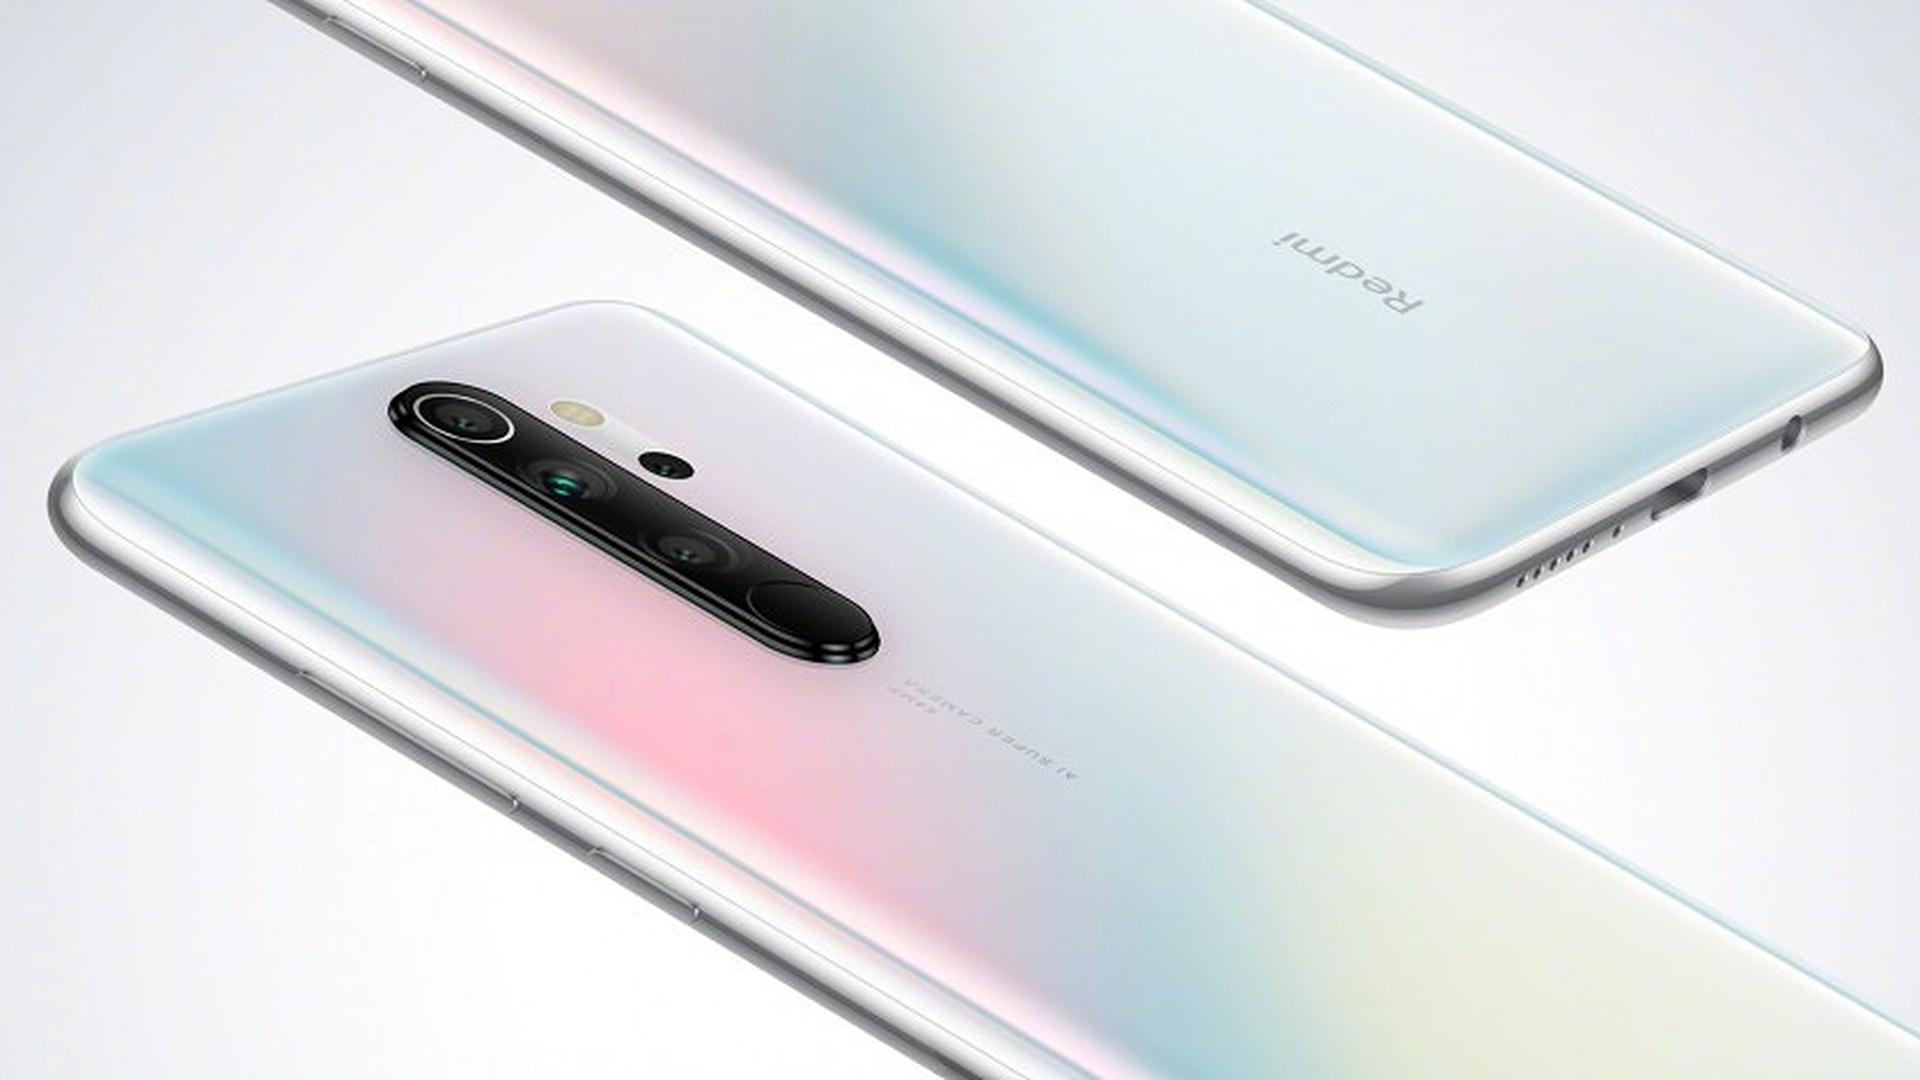 ردمی نوت ۸ تی (Redmi Note 8T) با اسنپدراگون ۷۳۰ جی ارایه خواهد شد